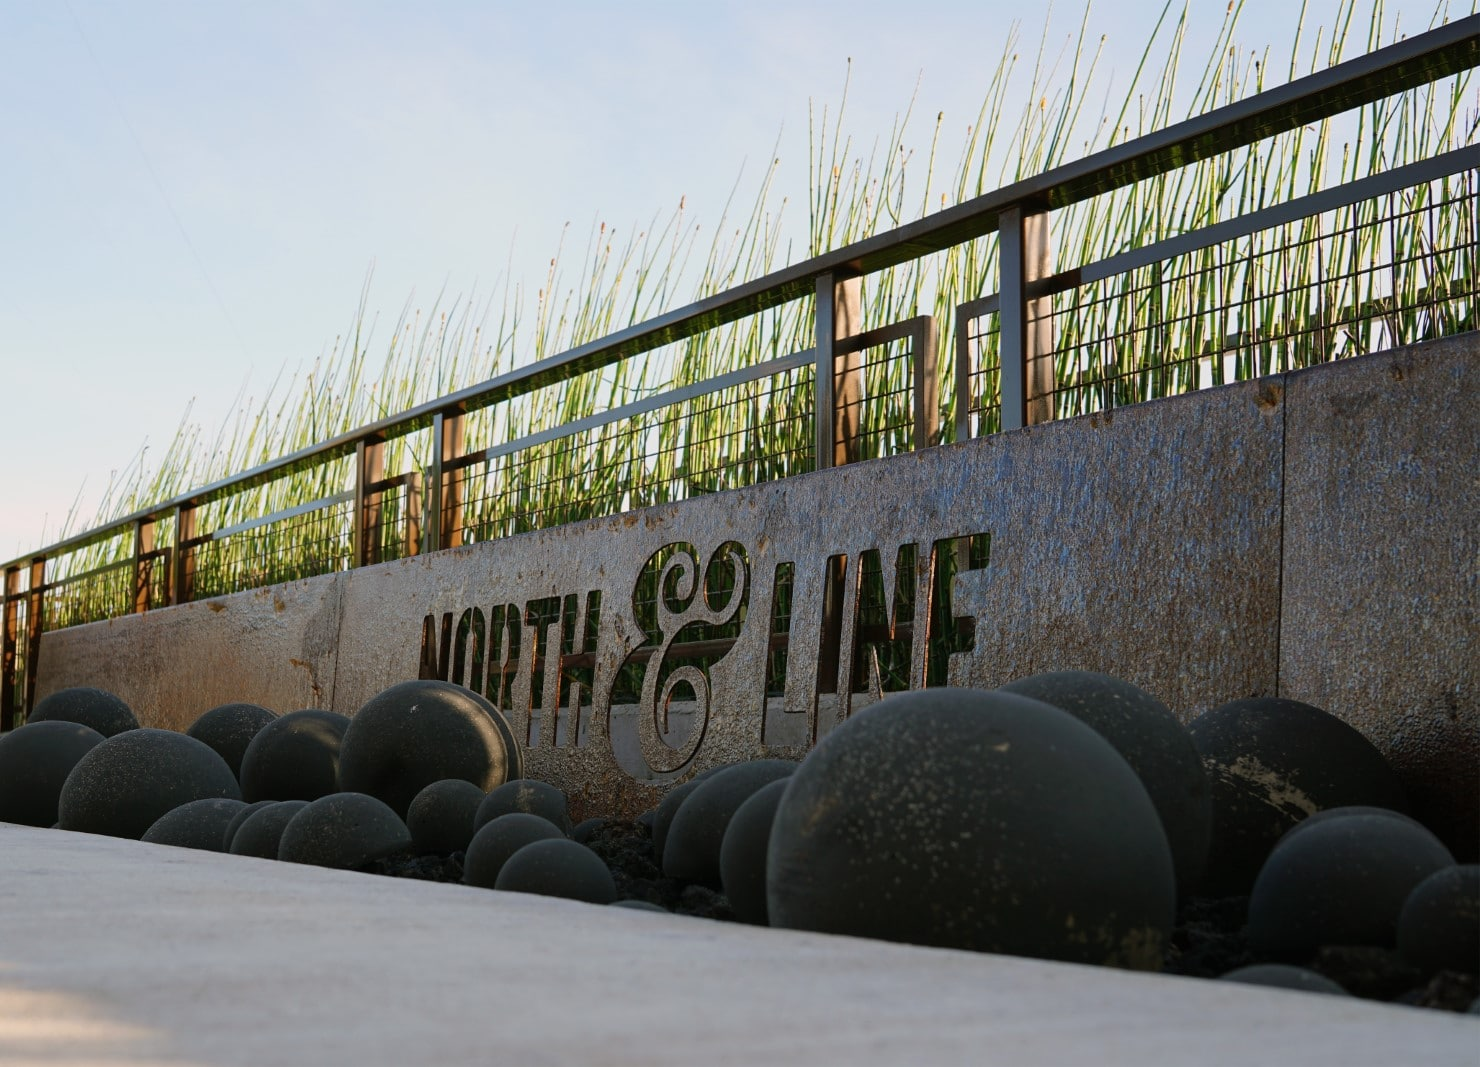 North + Line